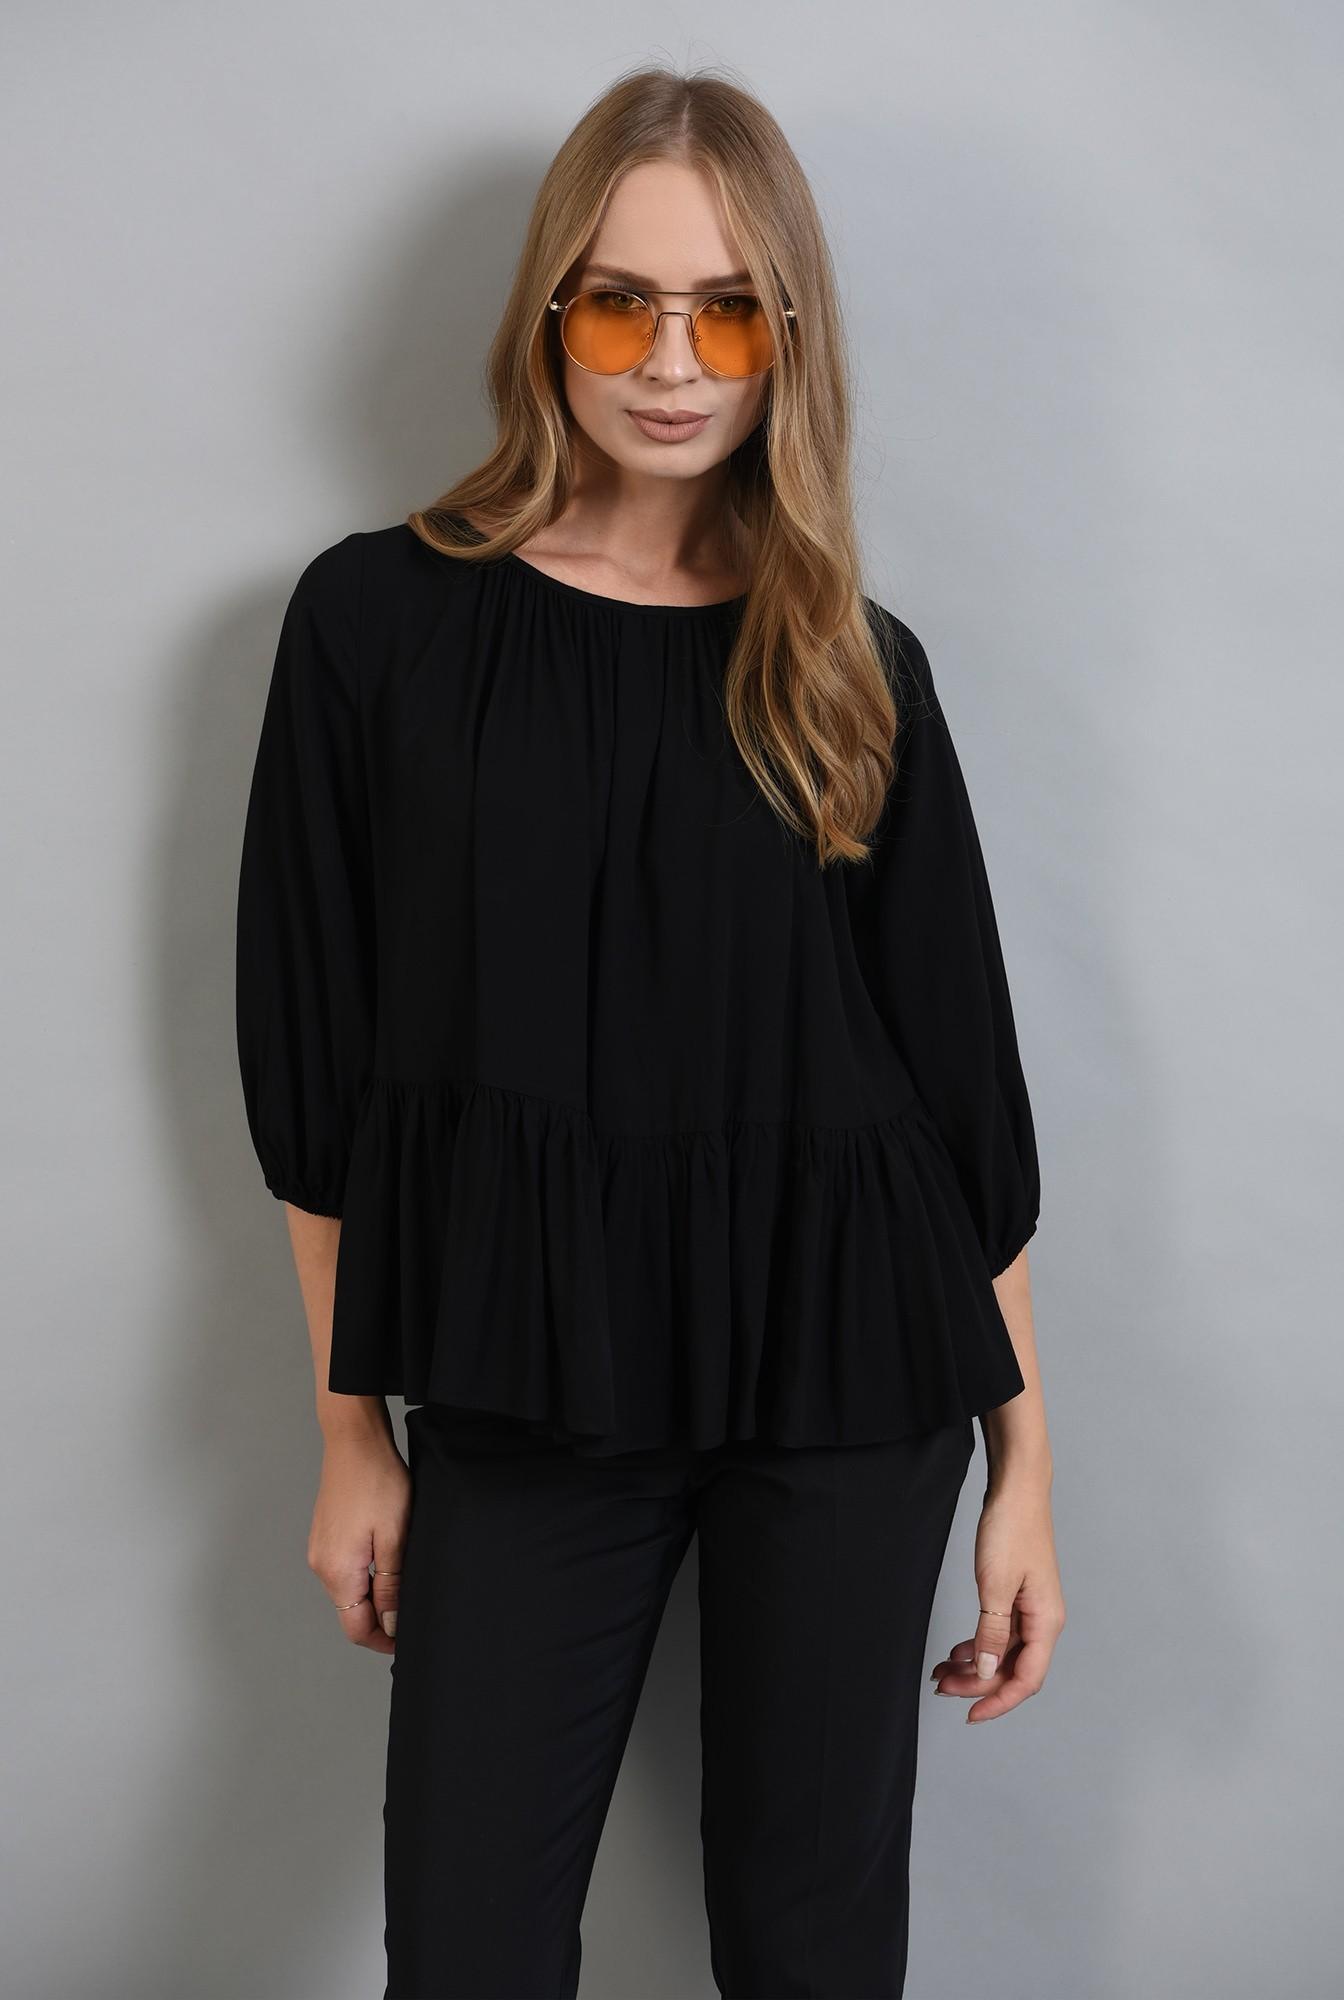 0 - 360 - bluza neagra cu peplum, maneca bufanta, Poema